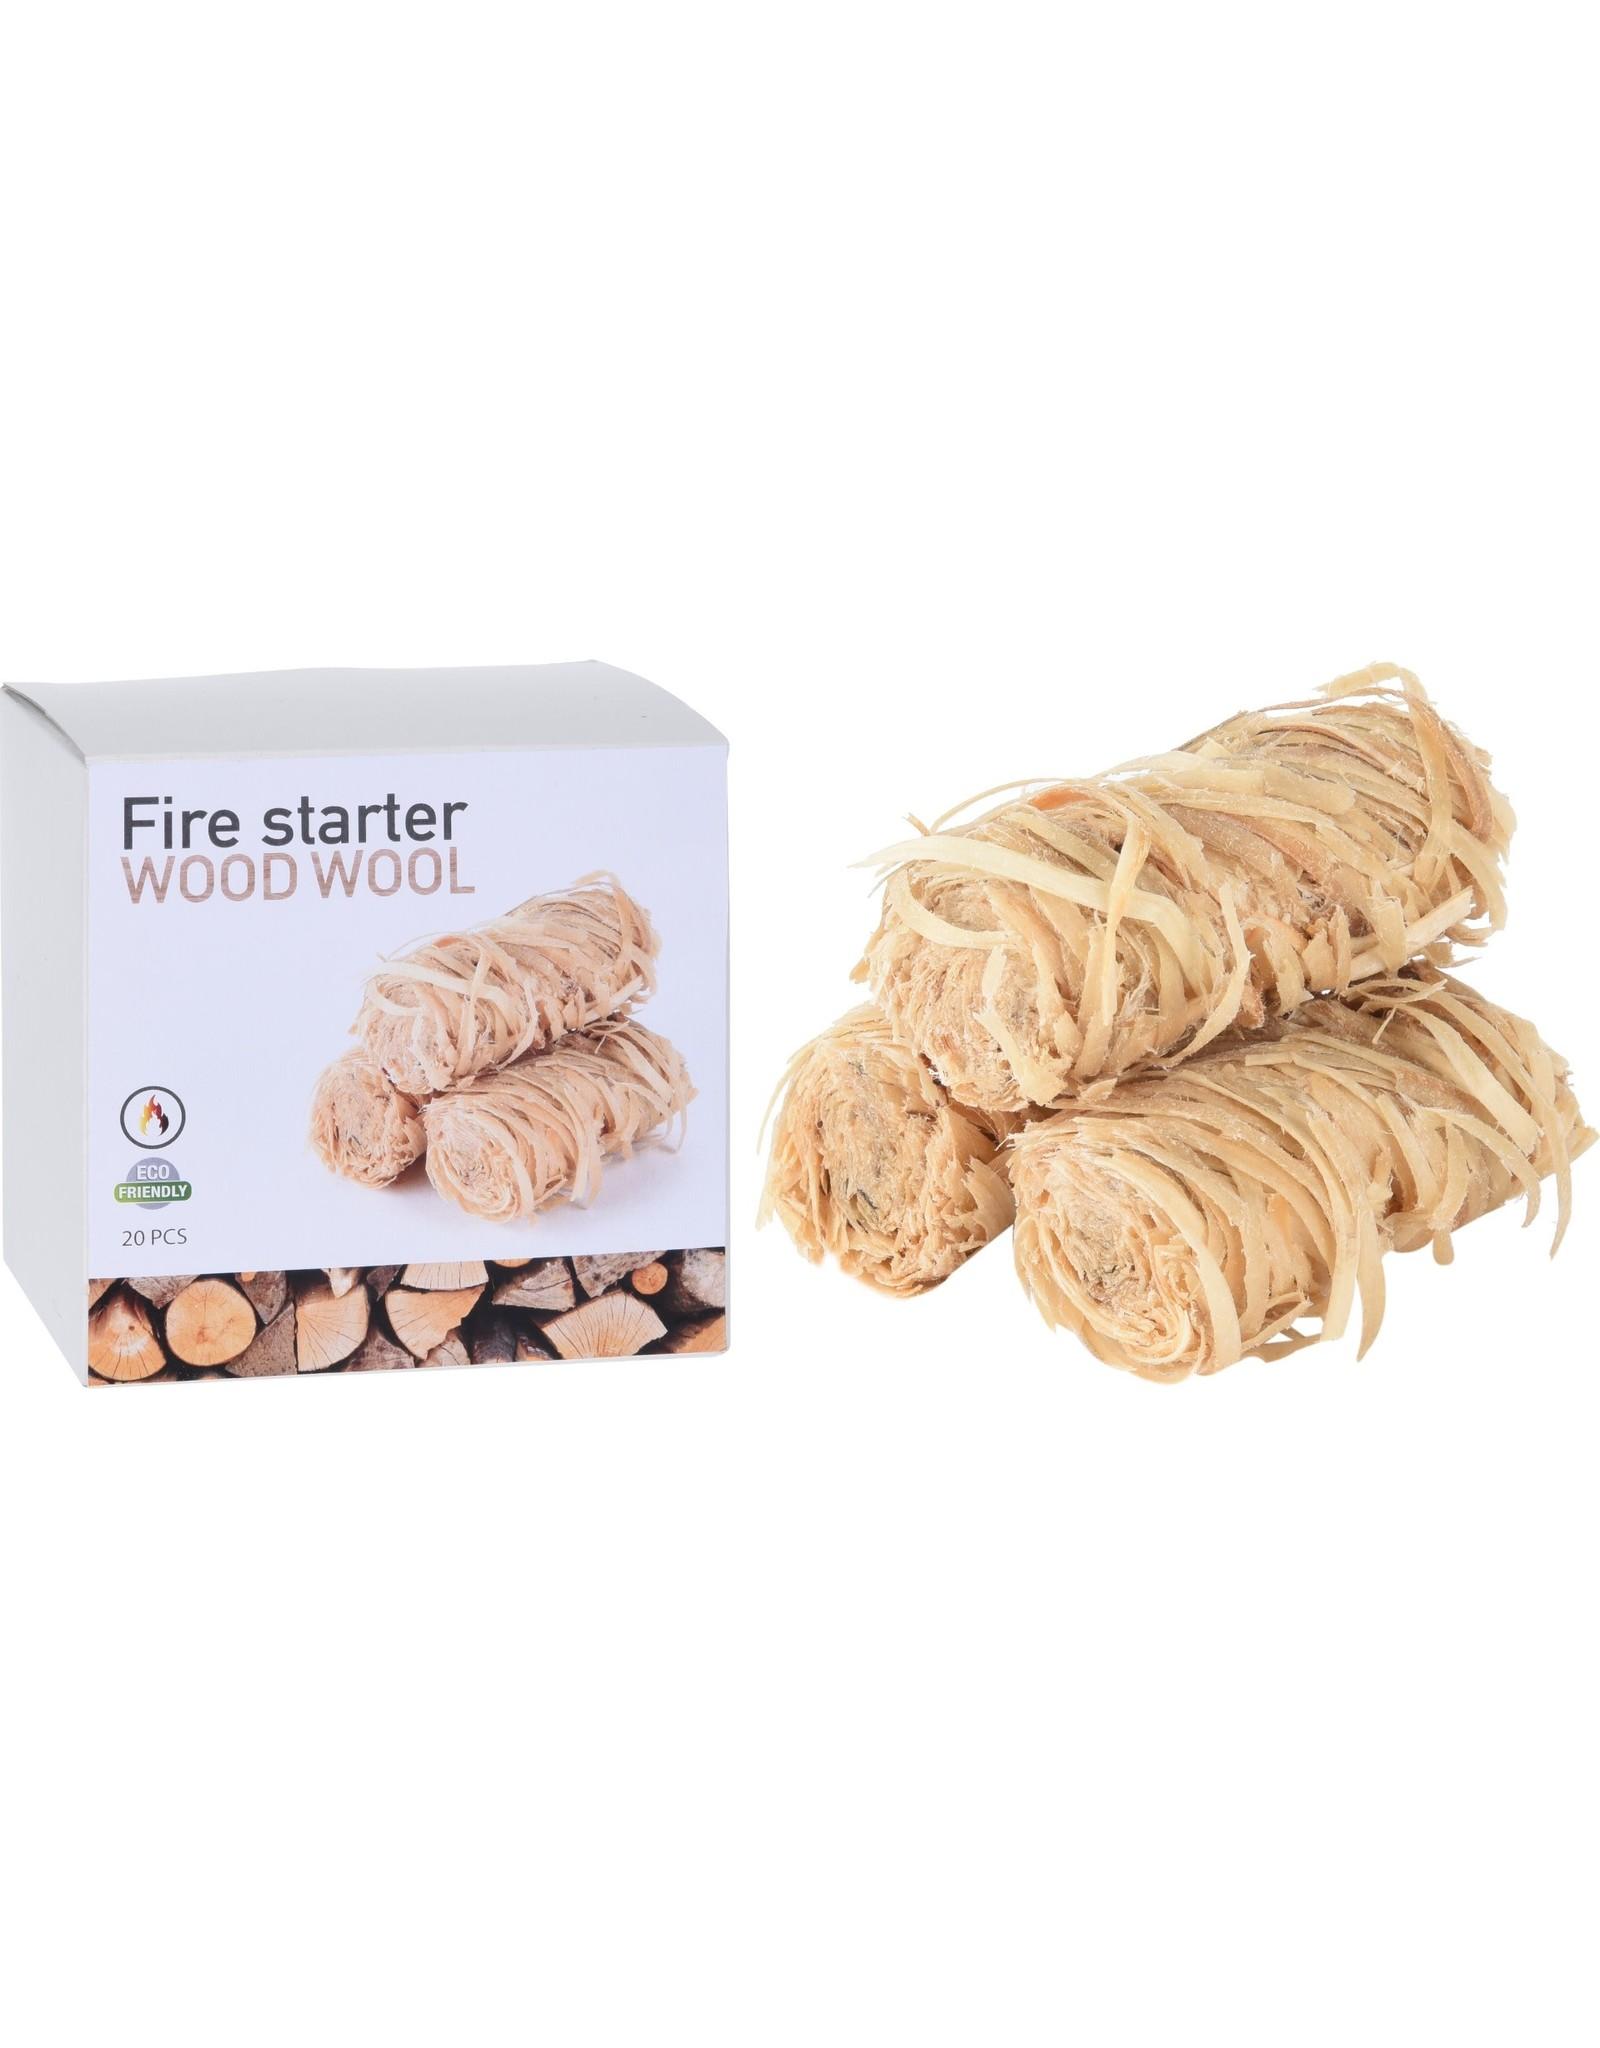 Fire Starter - Box of Wood Wool - 20pcs